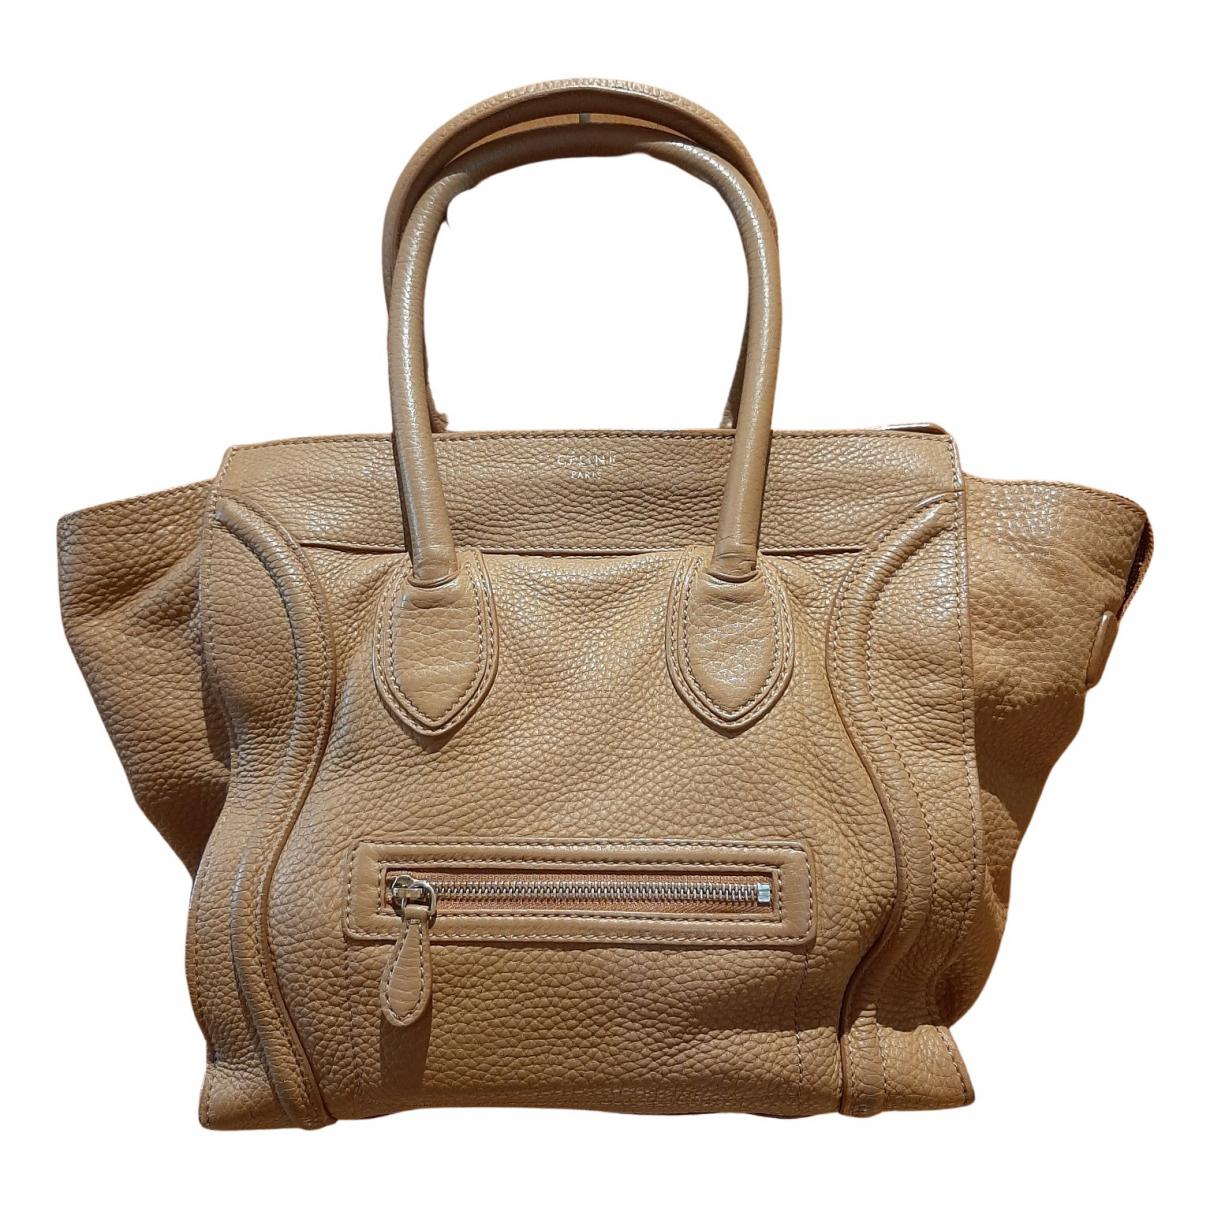 Celine Luggage Handtasche in  Kamel Leder